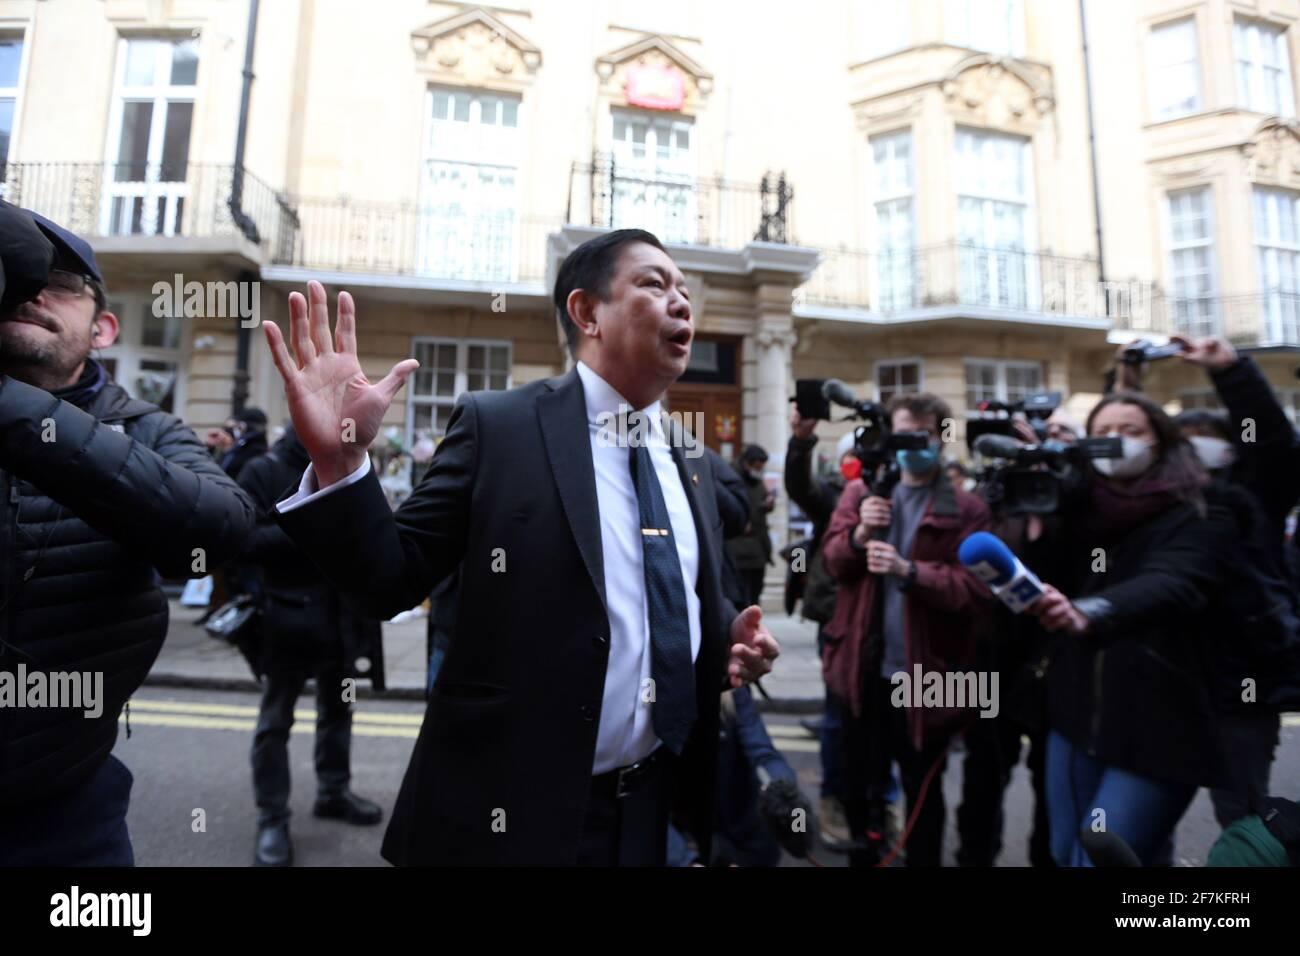 Londres, Angleterre, Royaume-Uni. 8 avril 2021. L'ambassadeur du Myanmar au Royaume-Uni, Kyaw Zwar min, est vu à l'extérieur de l'ambassade du Myanmar (Birmanie) à Londres. Hier, lui et certains membres du personnel ont été enfermés de sa propre ambassade par l'attaché militaire qui a pris le contrôle des terres. Credit: Tayfun Salci/ZUMA Wire/Alay Live News Banque D'Images